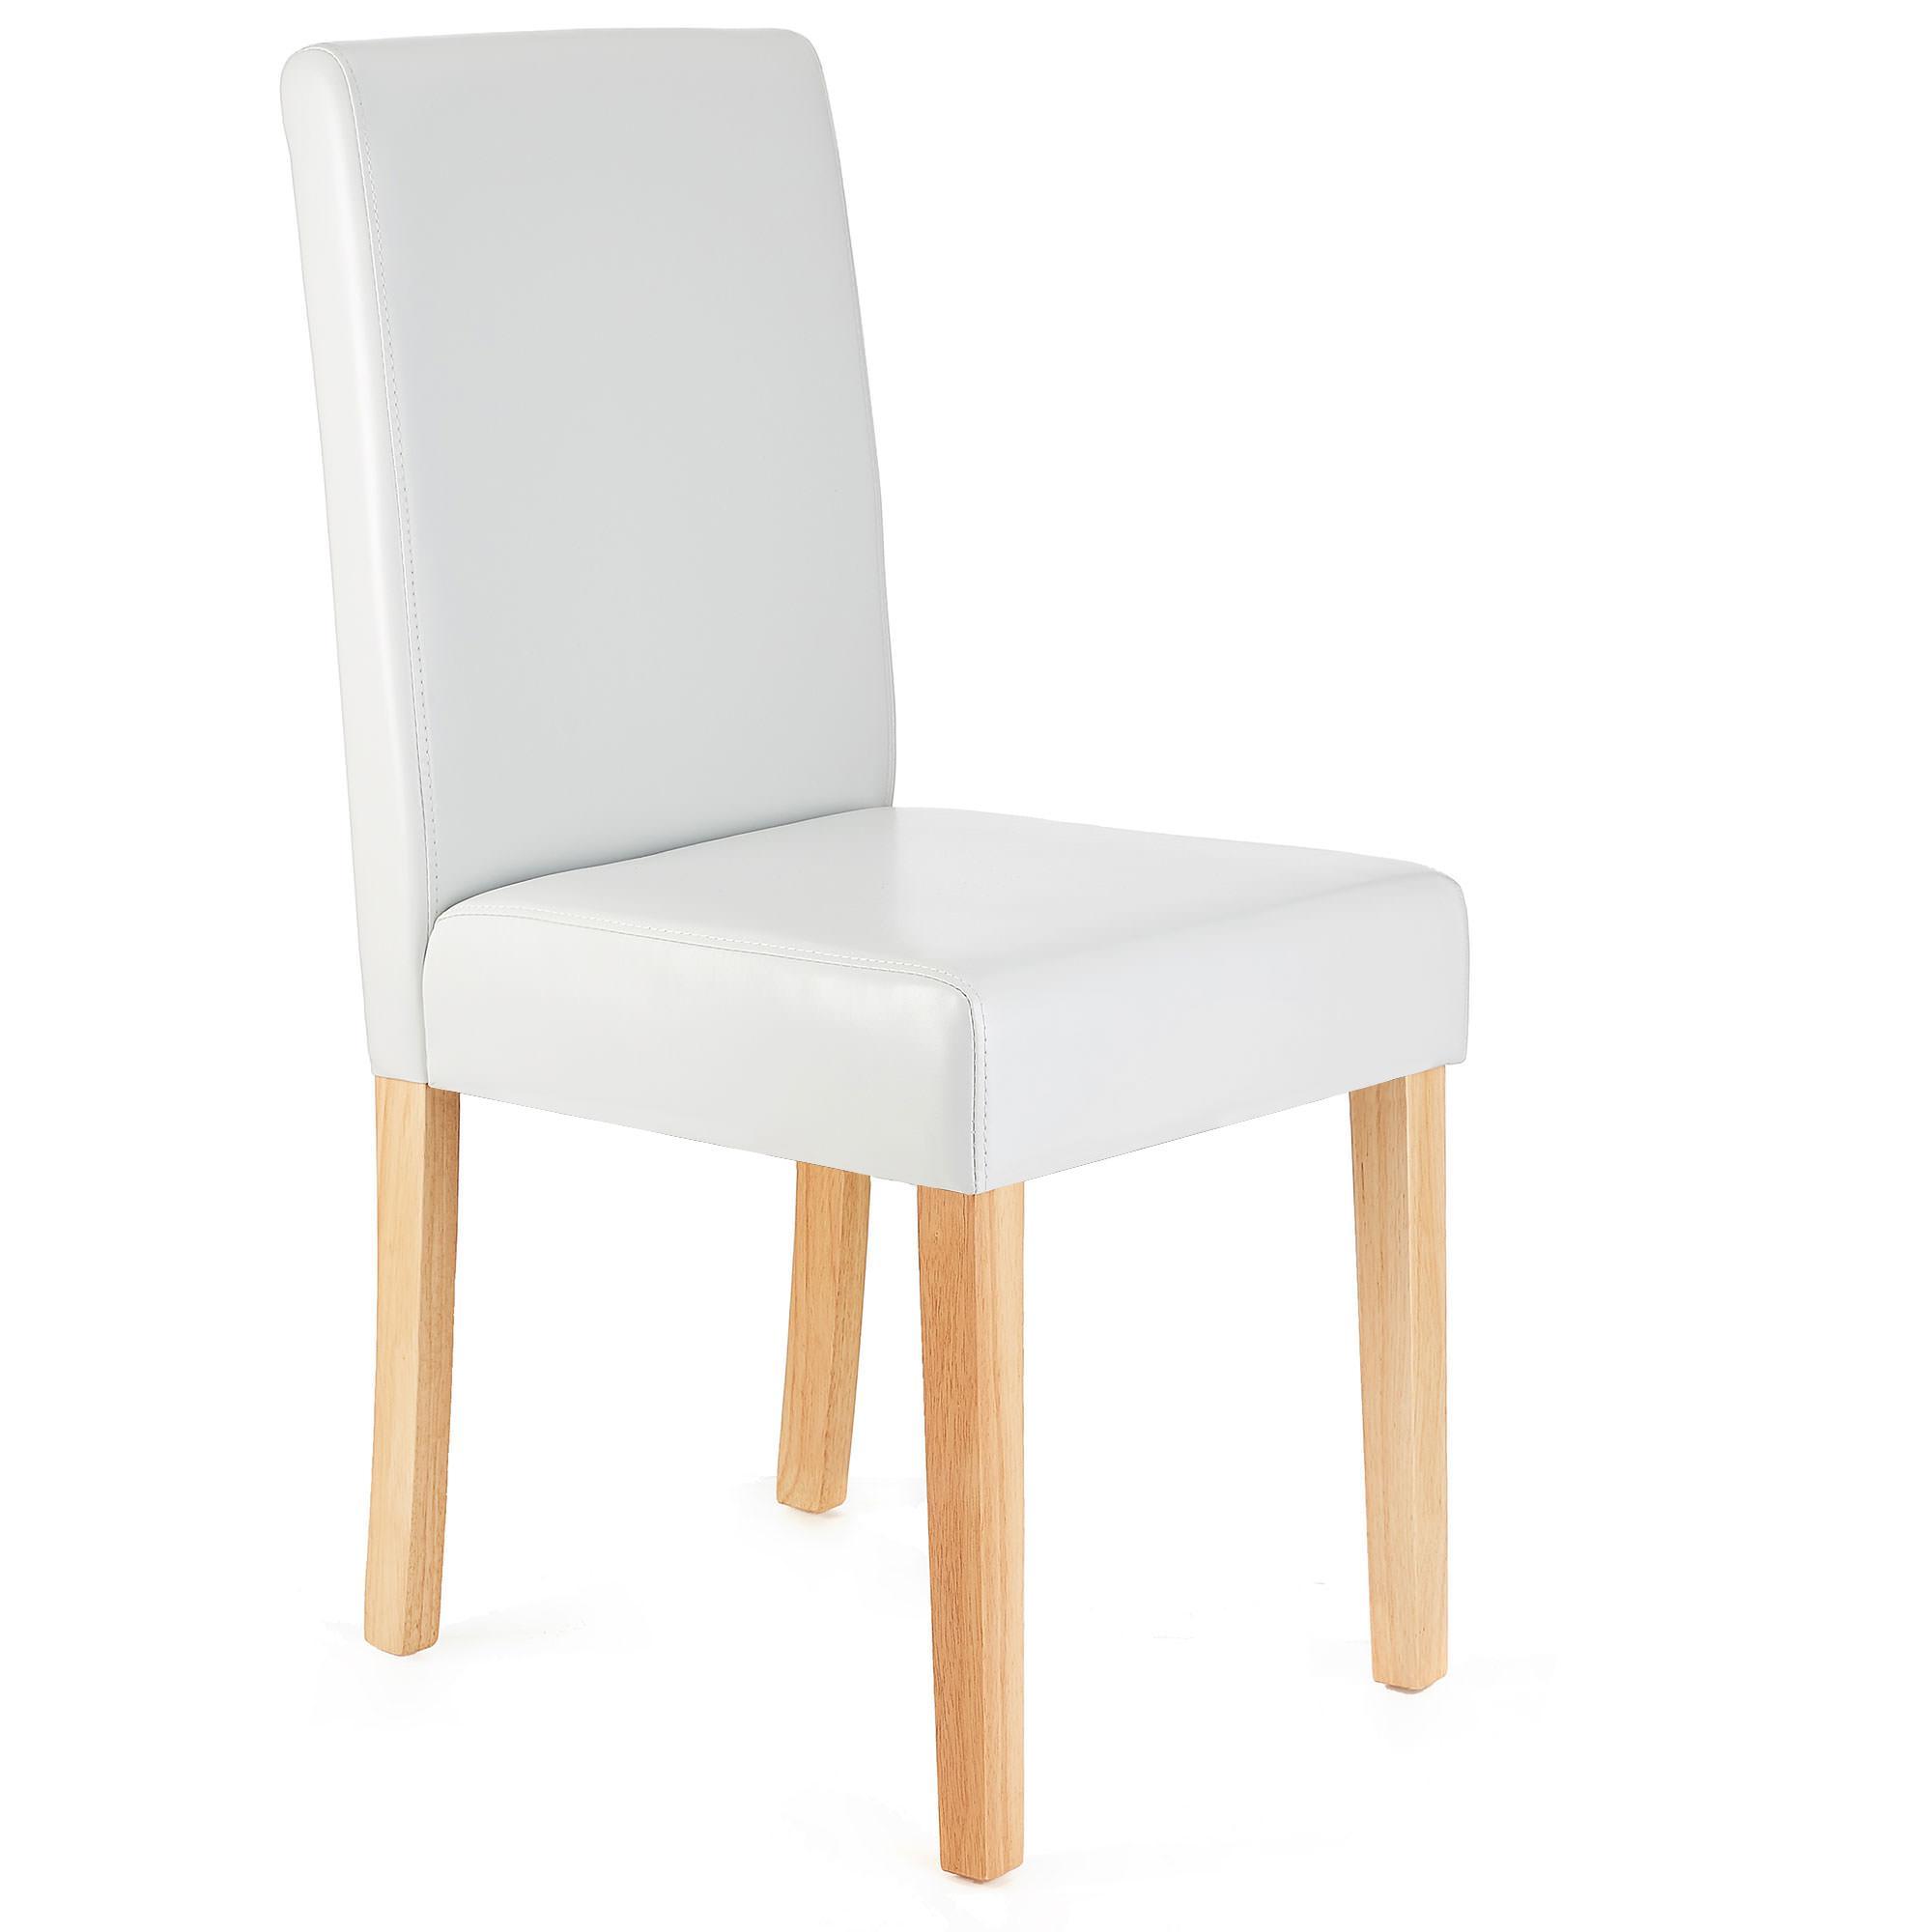 Lote 2 sillas de comedor litau en piel blanca patas - Sillas comedor colores ...